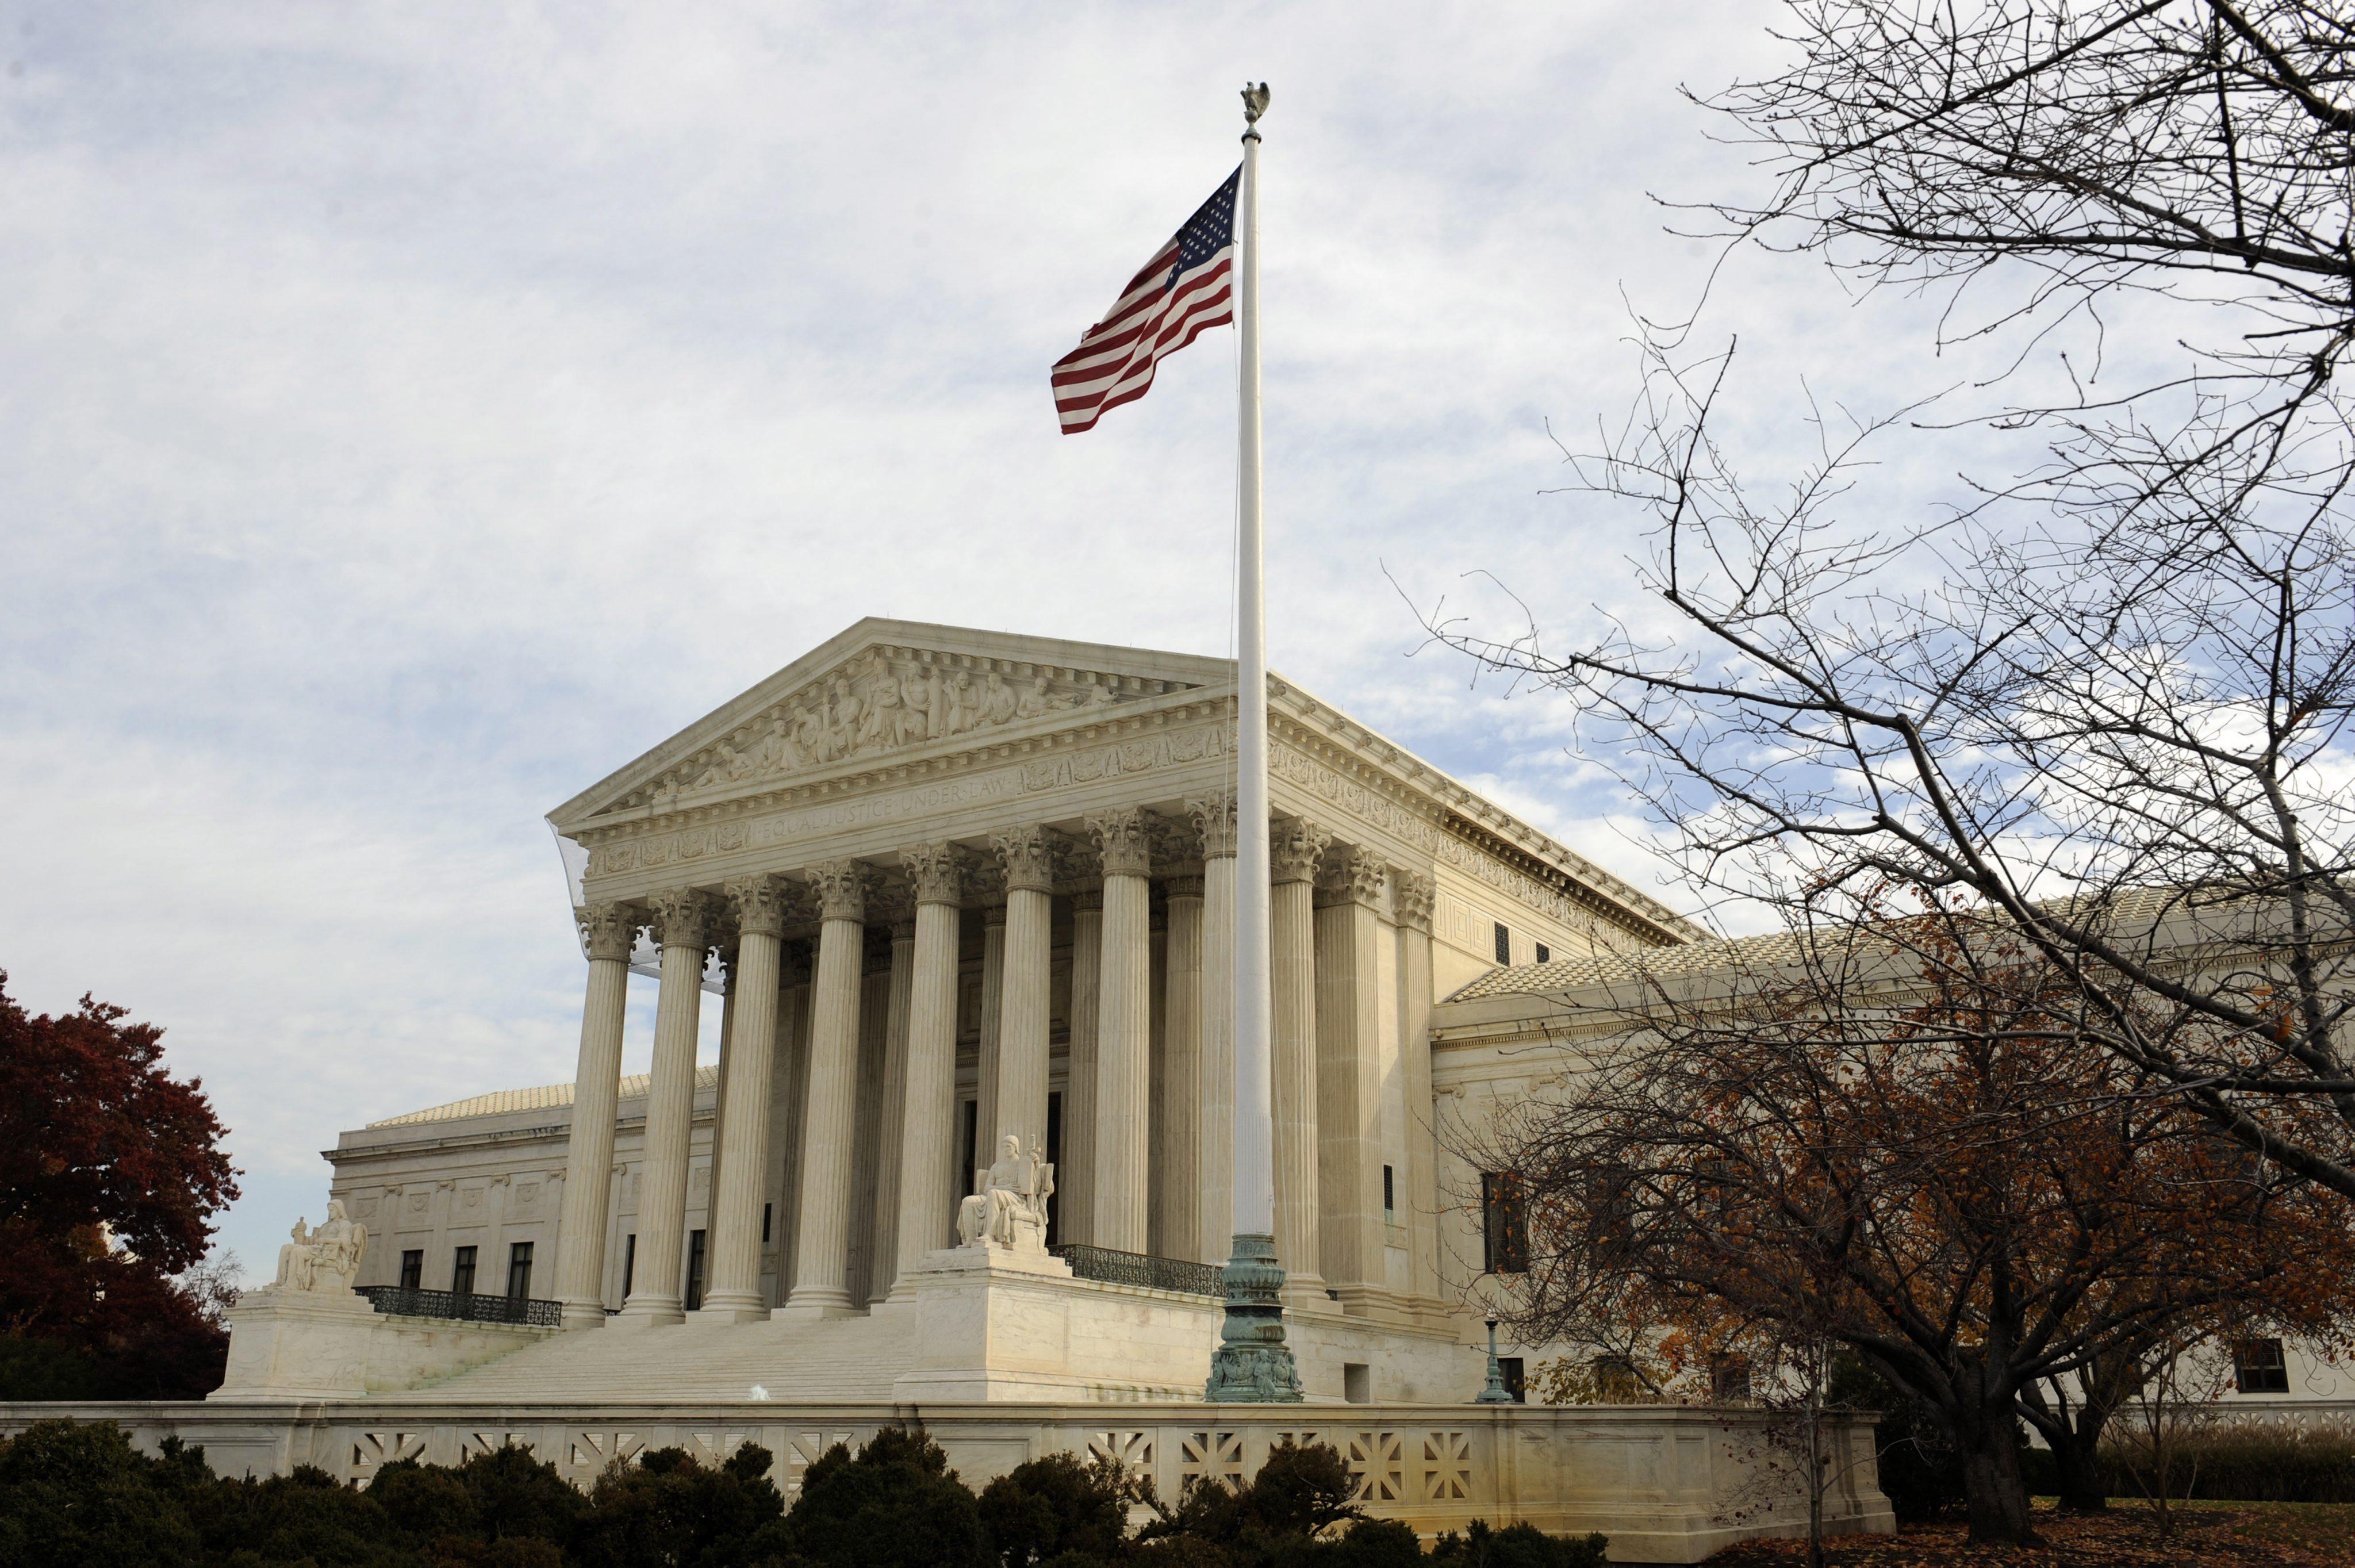 El Supremo de EE.UU. remite un caso sobre discriminación positiva a un tribunal inferior